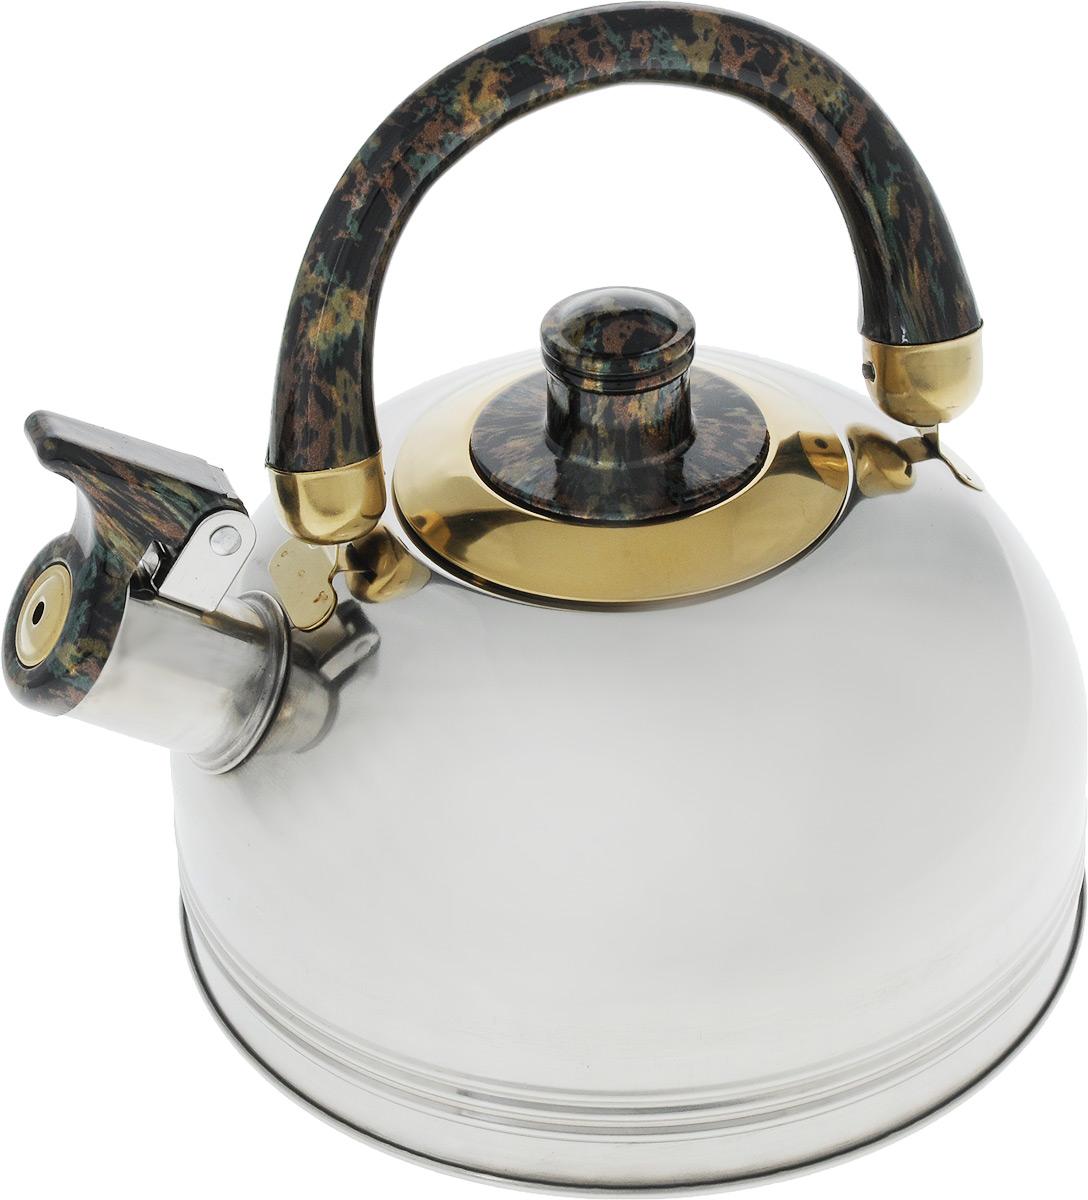 Чайник Wellberg, со свистком, цвет: черный, коричневый, 2 л. 127 WB127 WB_черный, коричневыйЧайник Wellberg Whistling выполнен из высококачественной нержавеющей стали, что делает его весьма гигиеничным и устойчивым к износу при длительном использовании. Носик чайника оснащен свистком, что позволит вам контролировать процесс подогрева или кипячения воды. Удобная подвижная ручка выполнена из пластика. Эстетичный и функциональный чайник будет оригинально смотреться в любом интерьере.Подходит для всех типов плит, включая индукционные. Можно мыть в посудомоечной машине. Высота чайника (с учетом ручки и крышки): 19,5 см.Высота чайника (без учета ручки и крышки): 10,5 см.Диаметр чайника (по верхнему краю): 8,5 см.Диаметр основания: 18,8 см.